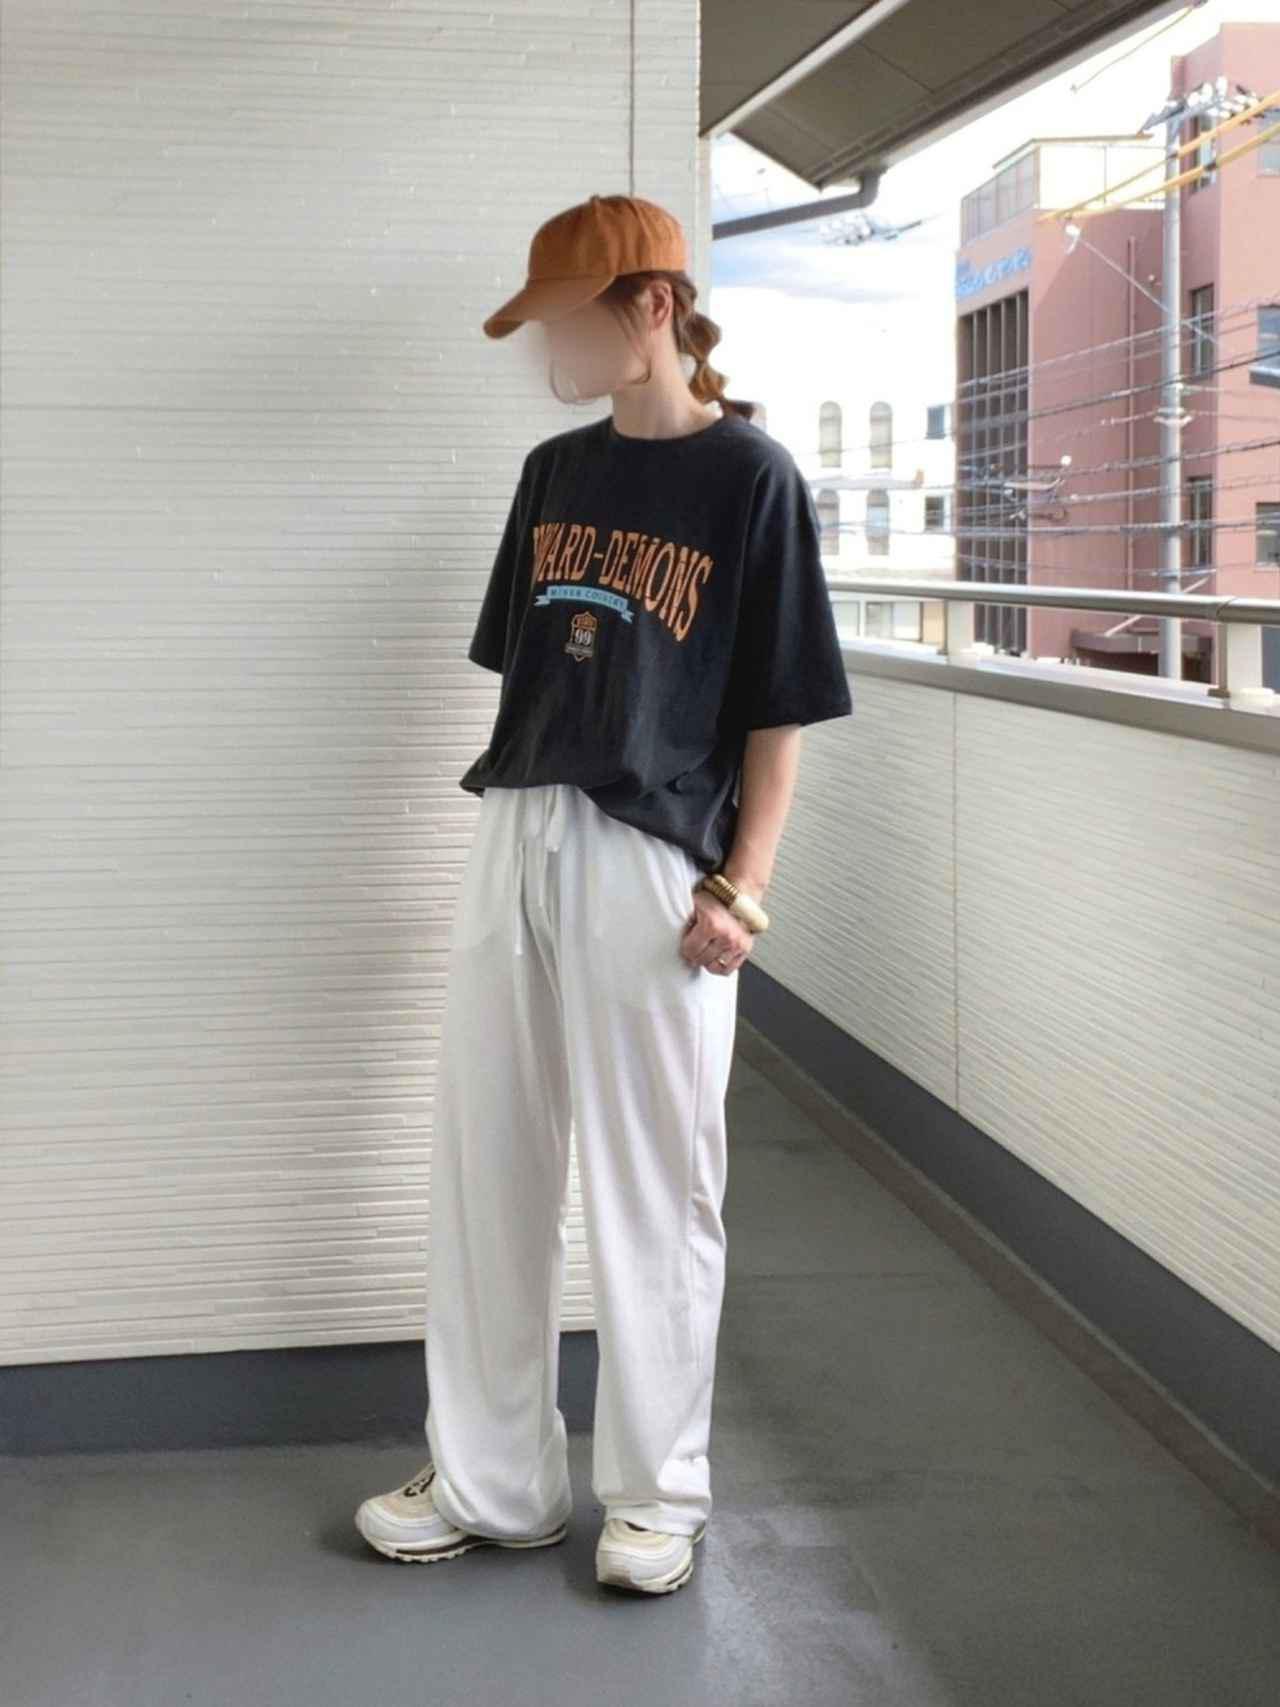 画像: 【DHOLIC】Tシャツ 平均価格2,000〜5,000円【DHOLIC】パンツ 平均価格2,000〜6,000円【NIKE】エア マックス 19,800円(税込)【newhattan】キャップ 2,200円(税込)